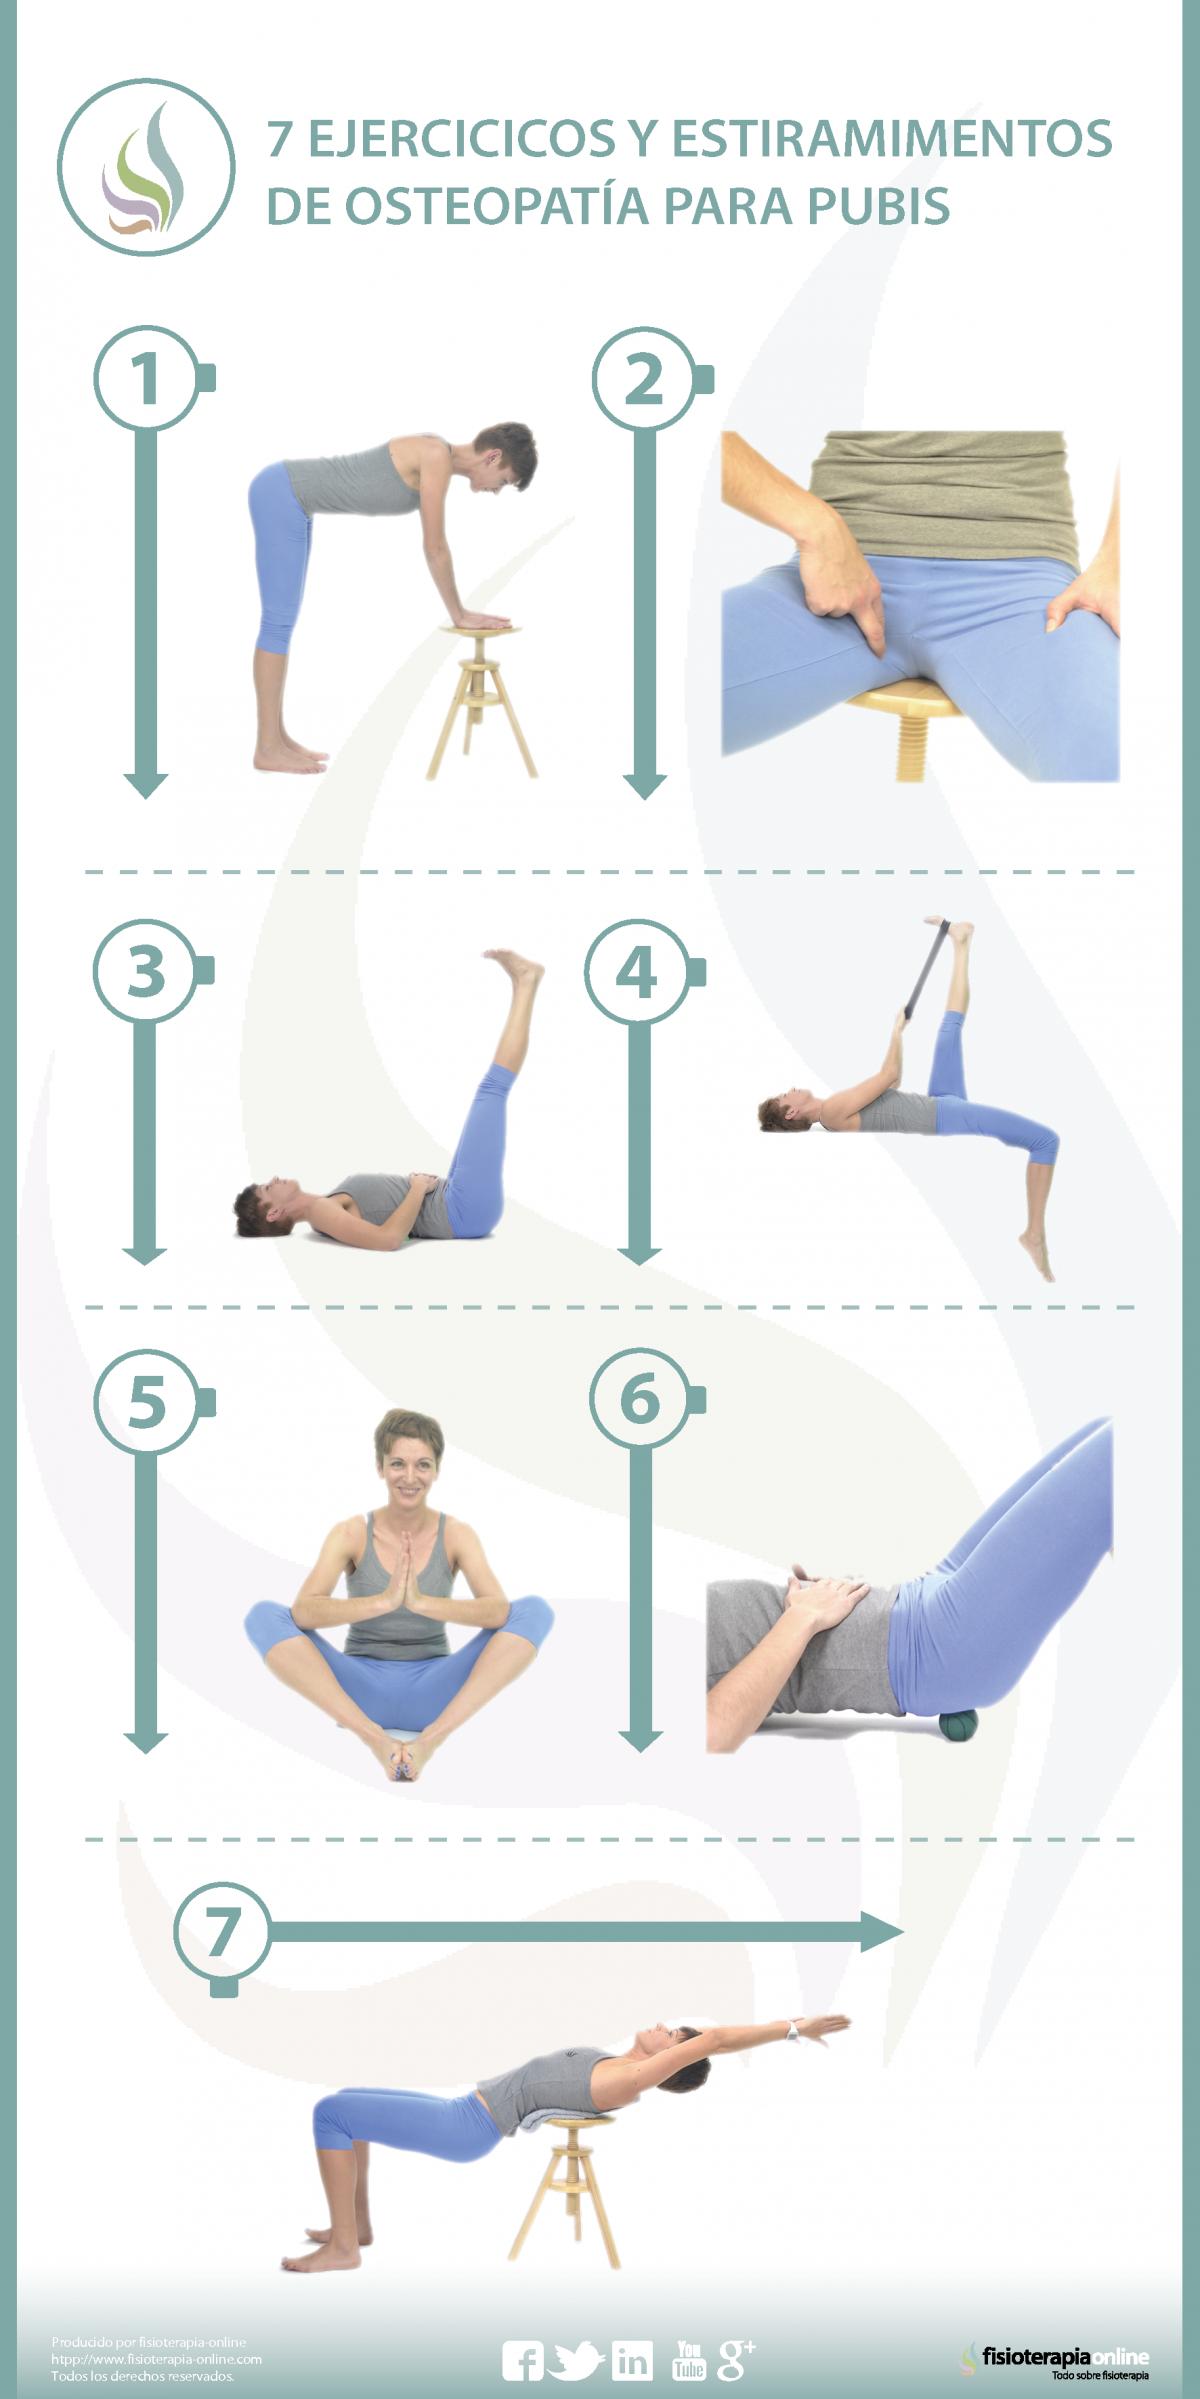 7 estiramientos, ejercicios y automasajes para la pubalgia u osteopatía de pubis